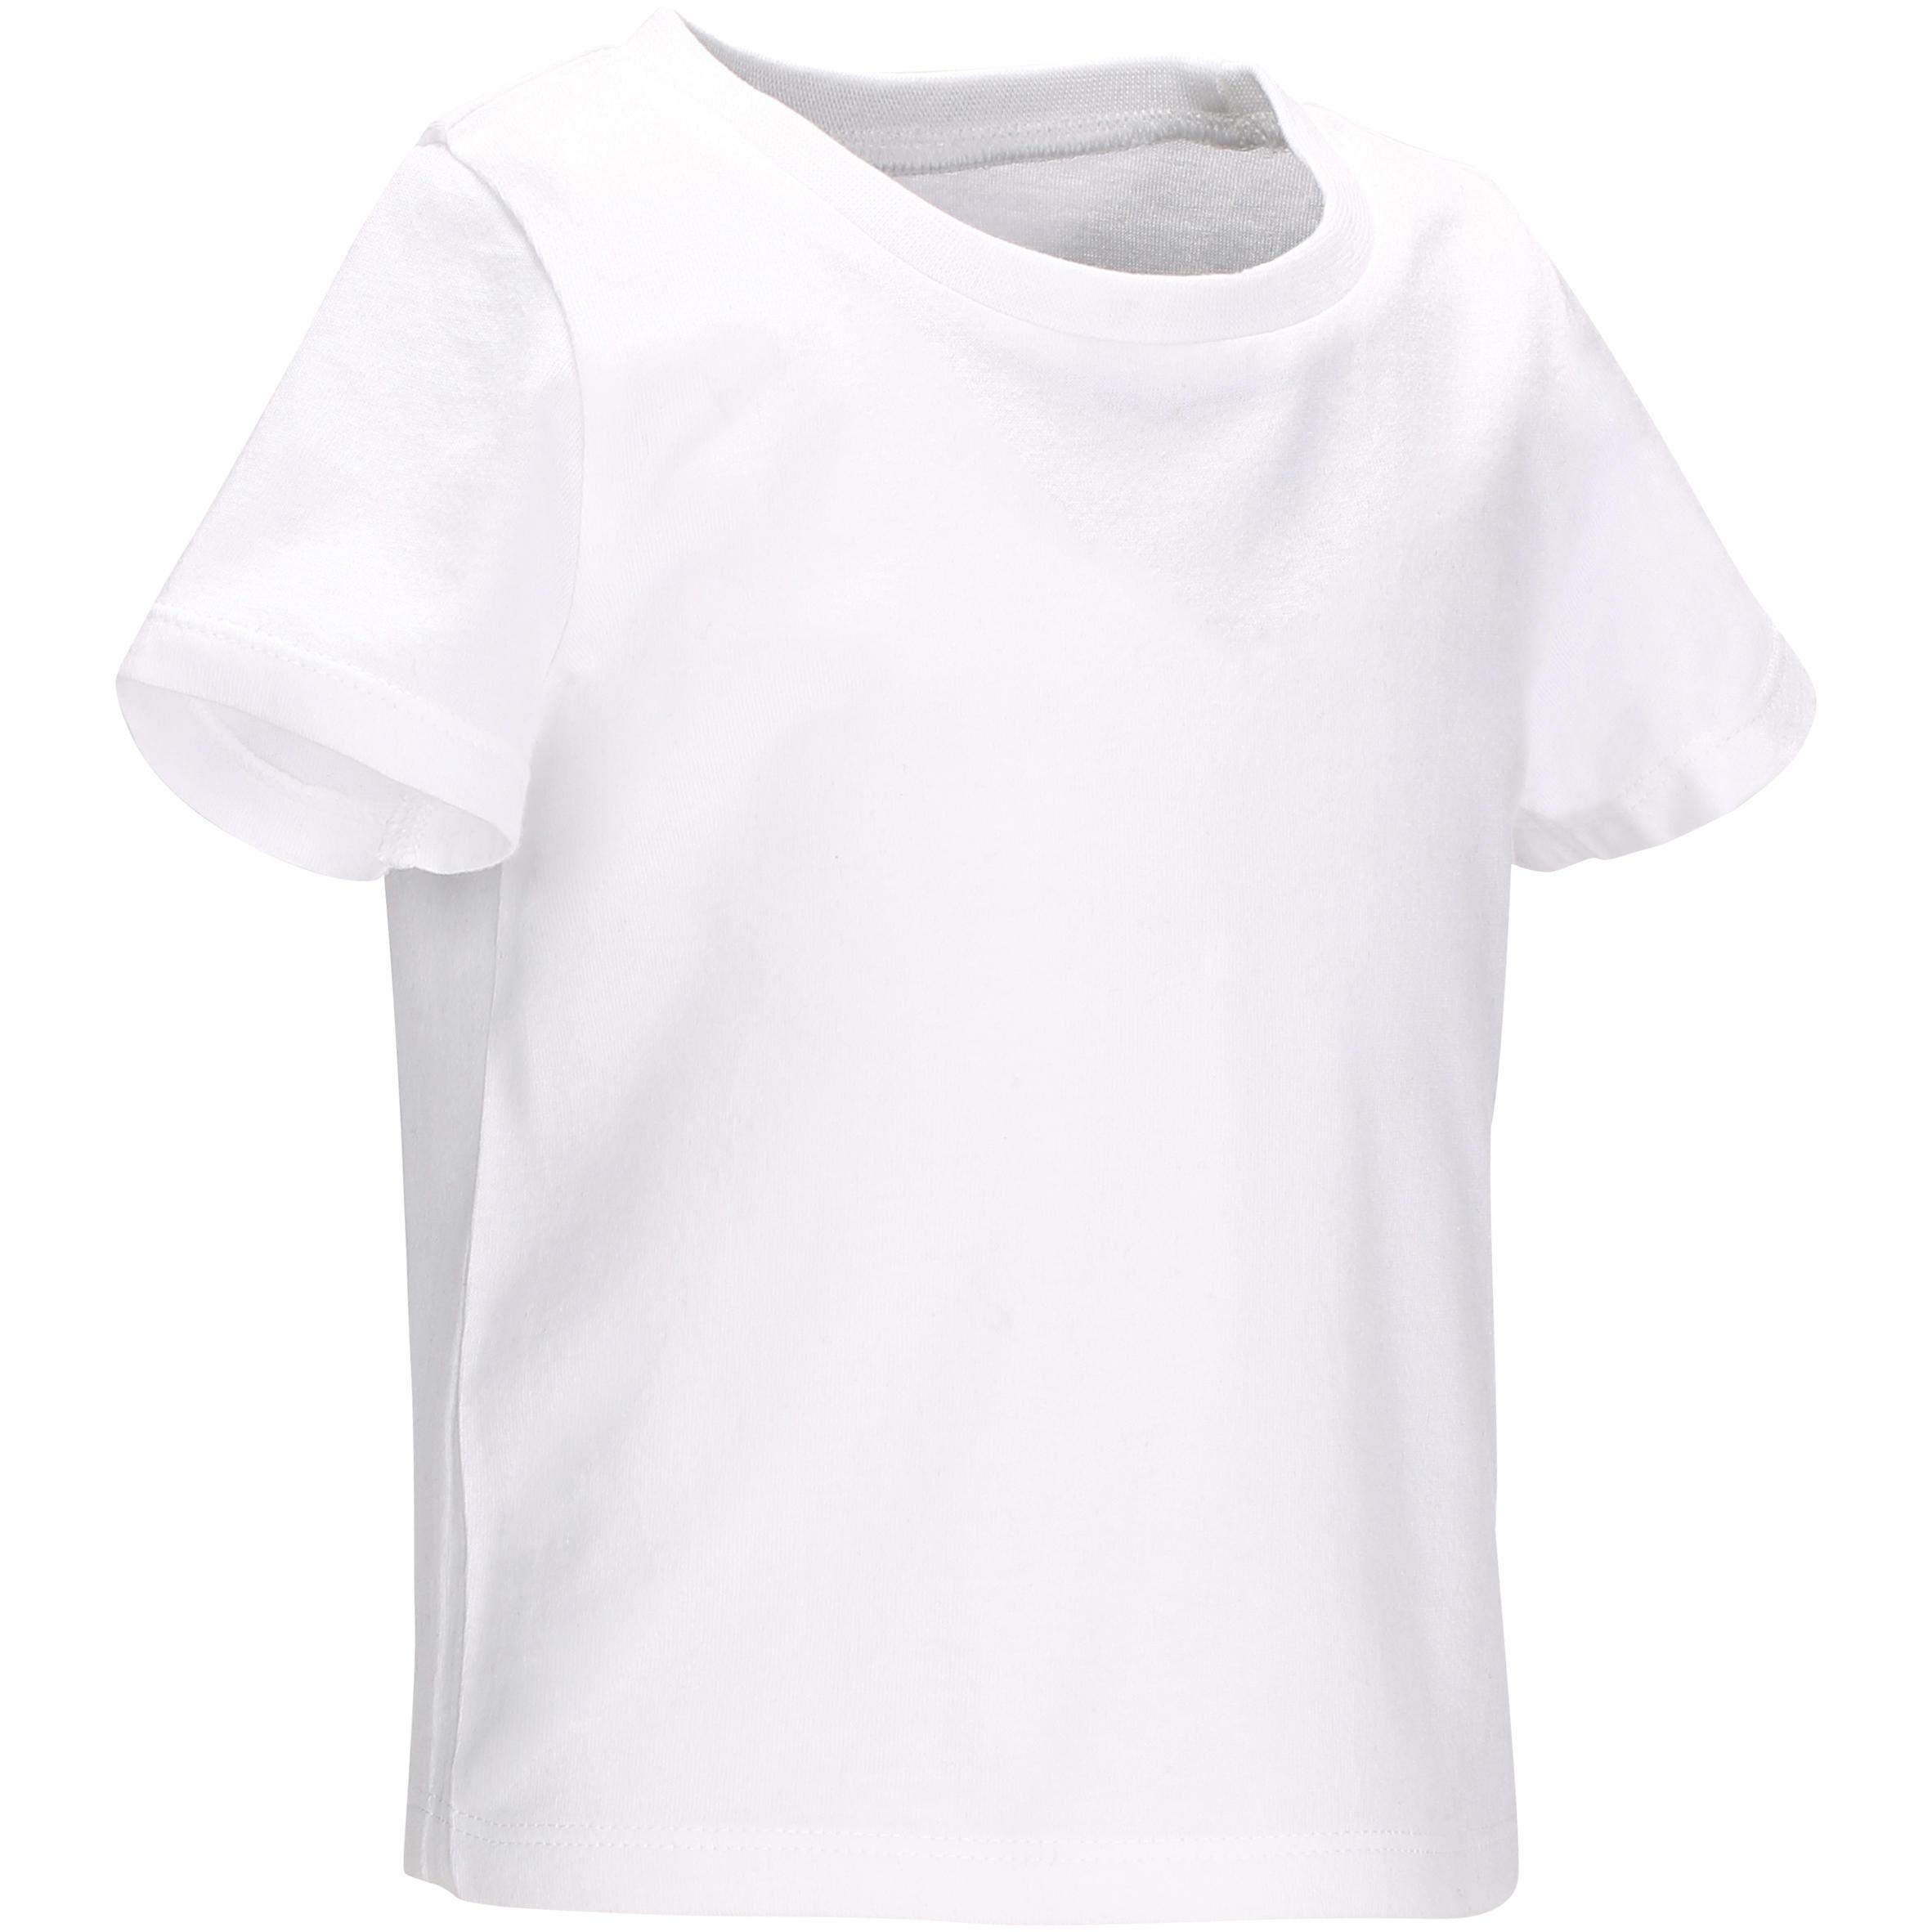 T-shirt met korte mouwen voor kleuters wit